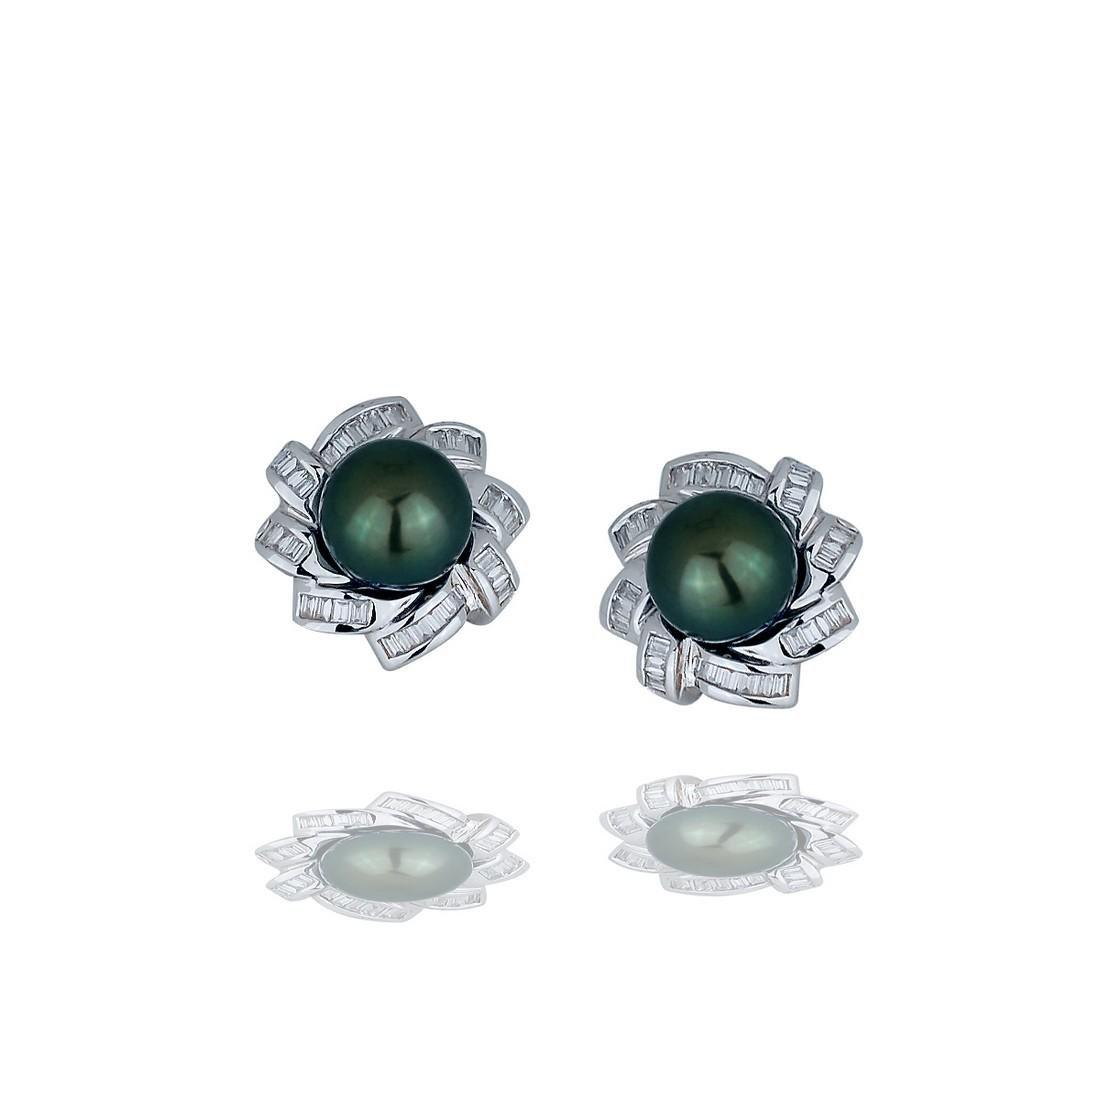 Tahitian 10 mm Pearl, 2.40 Carat Baguette Diamond, 18